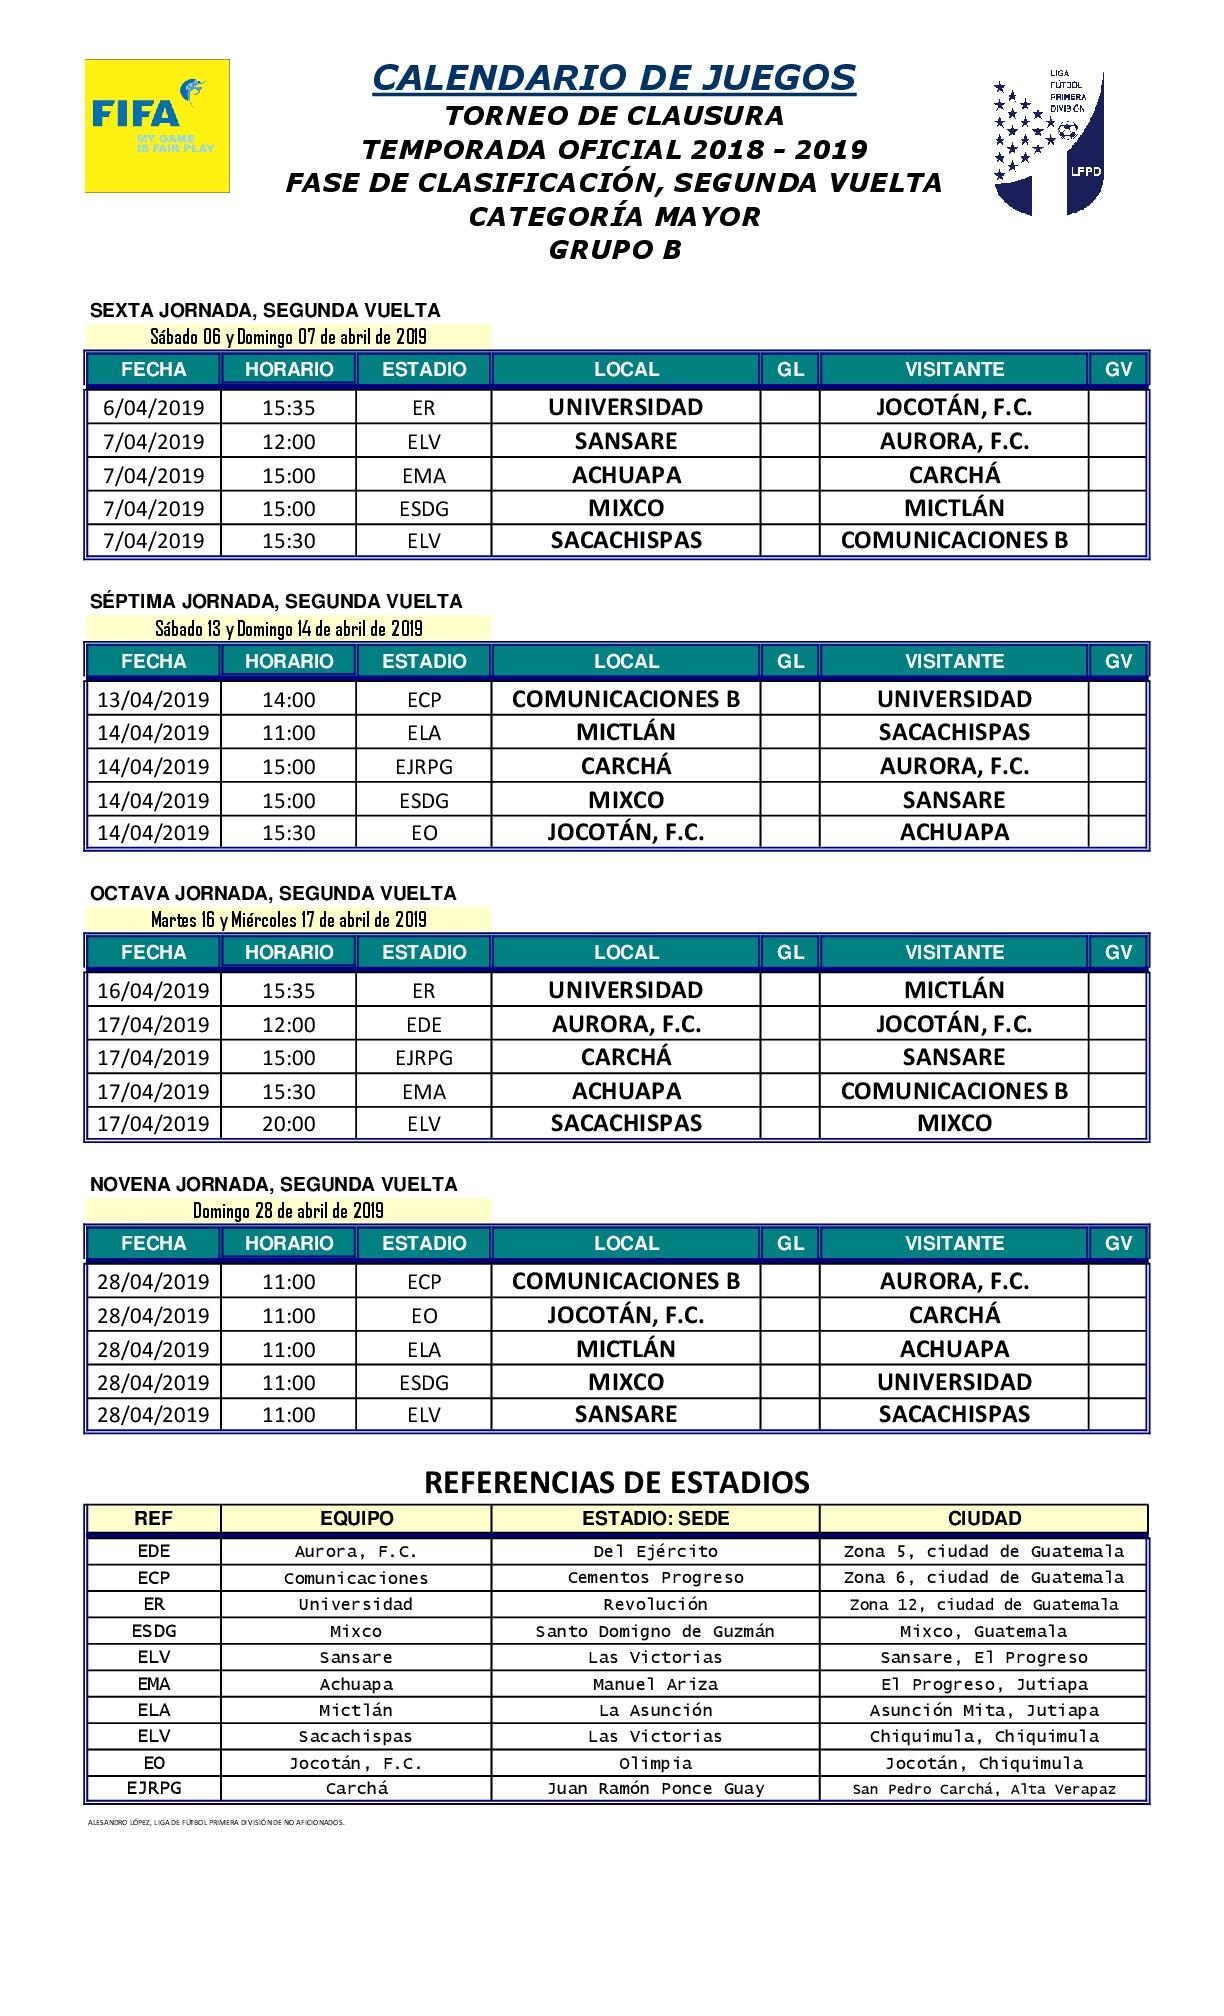 Calendario De Segunda Division De Futbol.2 Calendario De Juegos Clausura T O 2018 2019 Grupo B 004